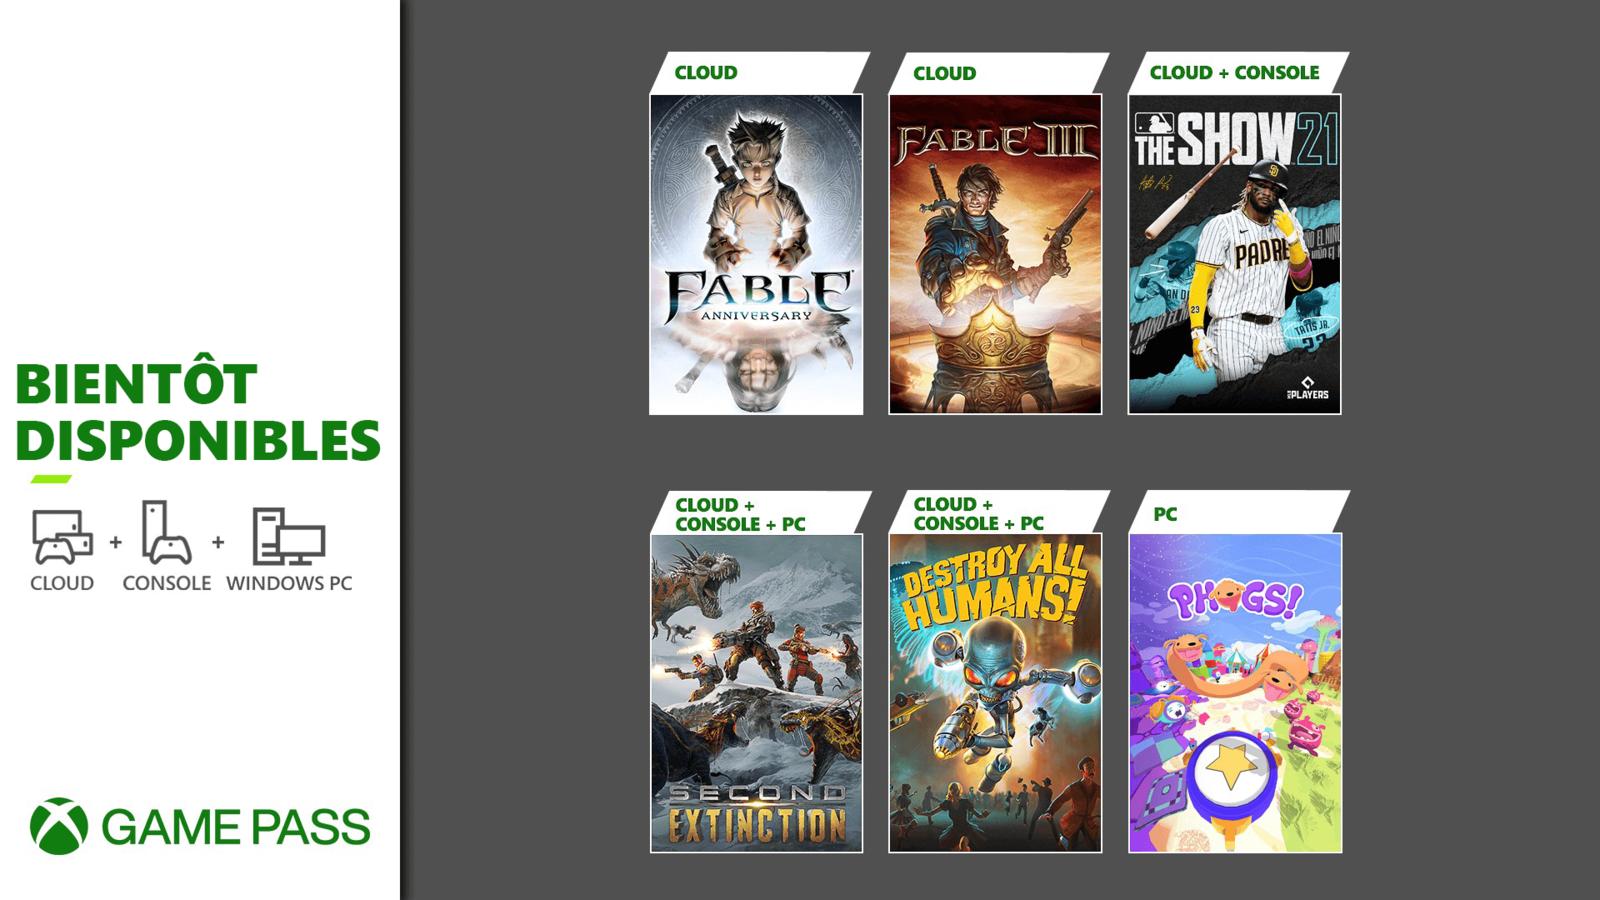 [ACTUALITE] Xbox Game Pass - Fable dans le cloud, MLB The Show 21 et d'autres surprises